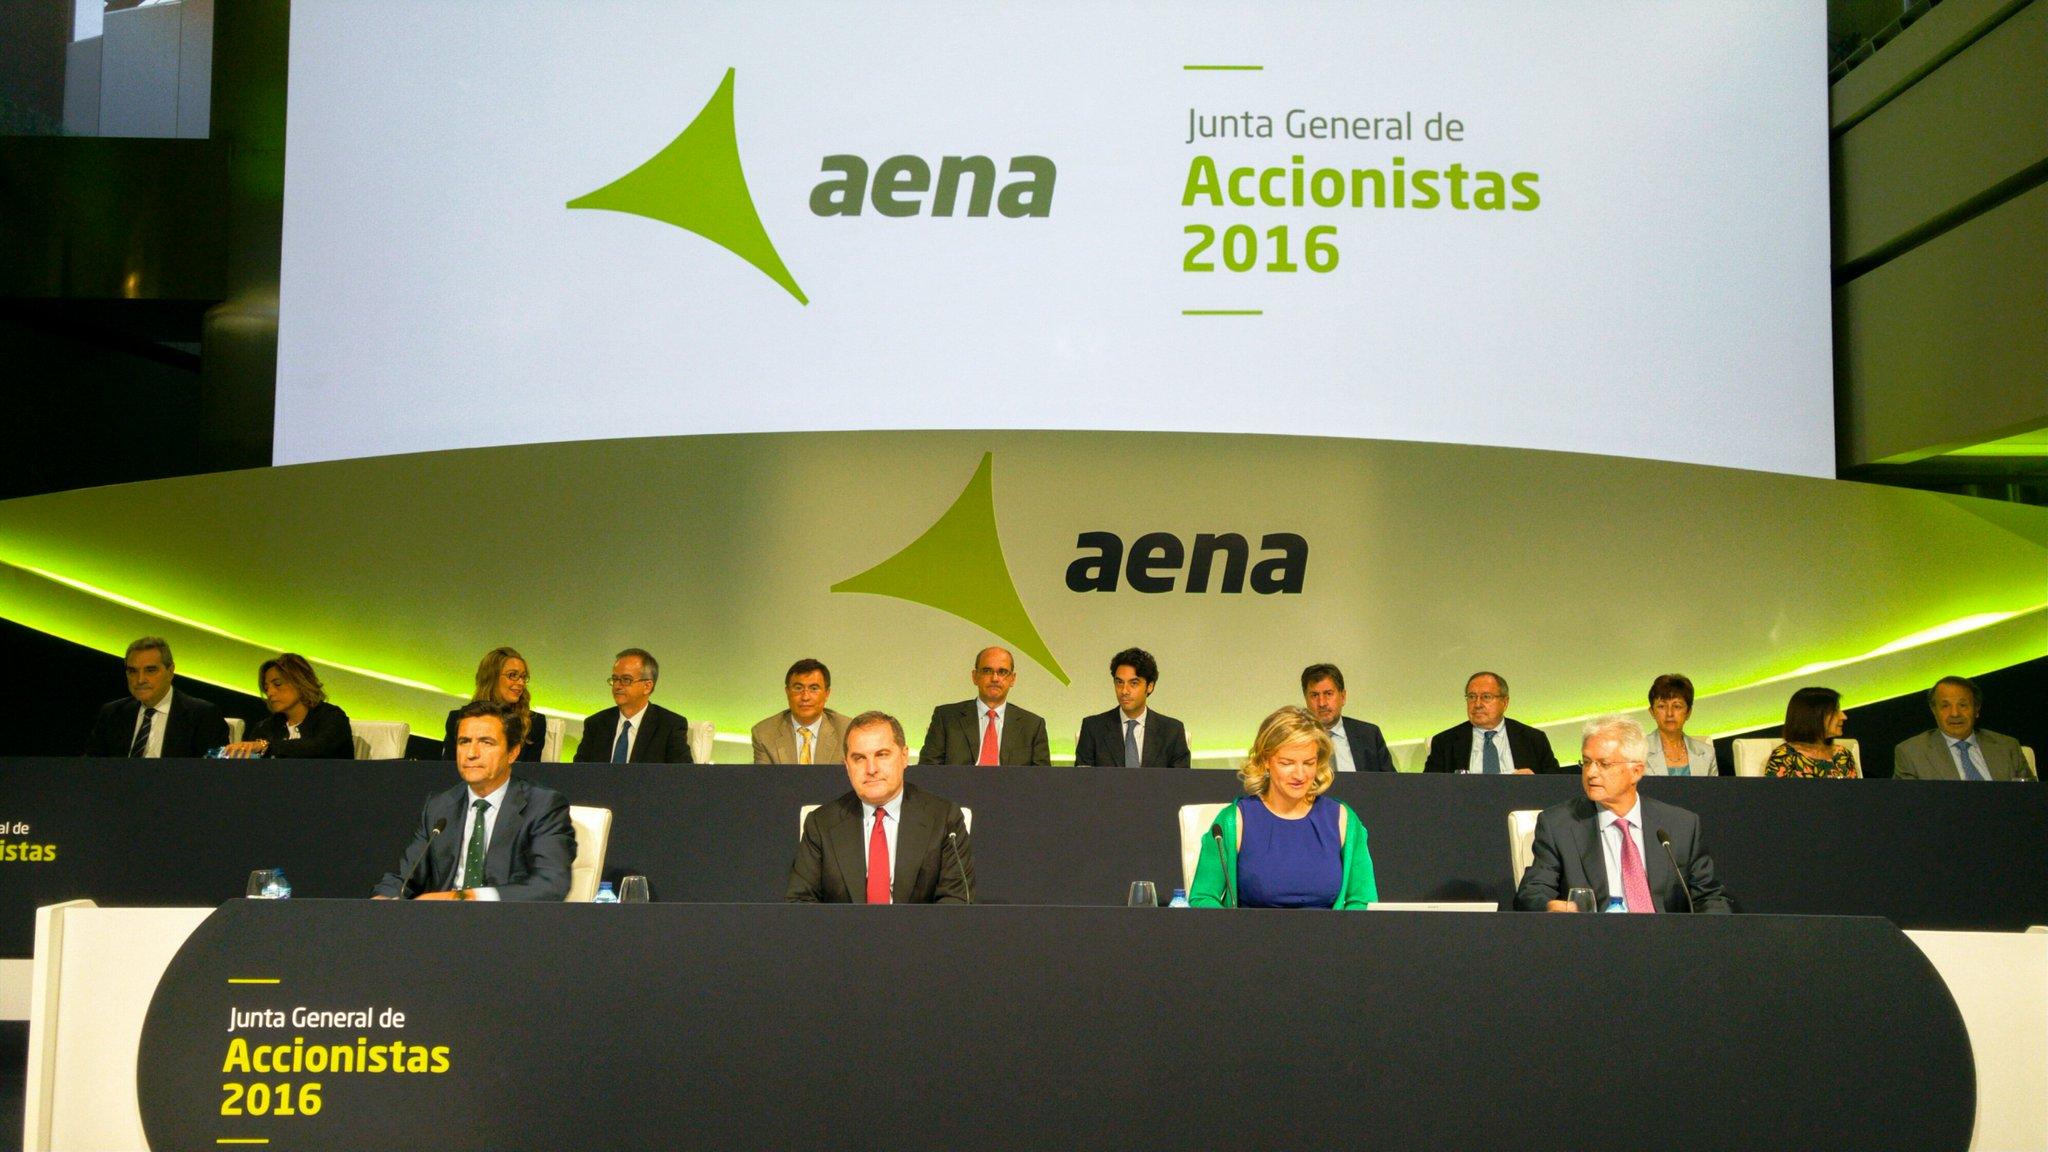 Mesa de la junta de accionistas de AENA.